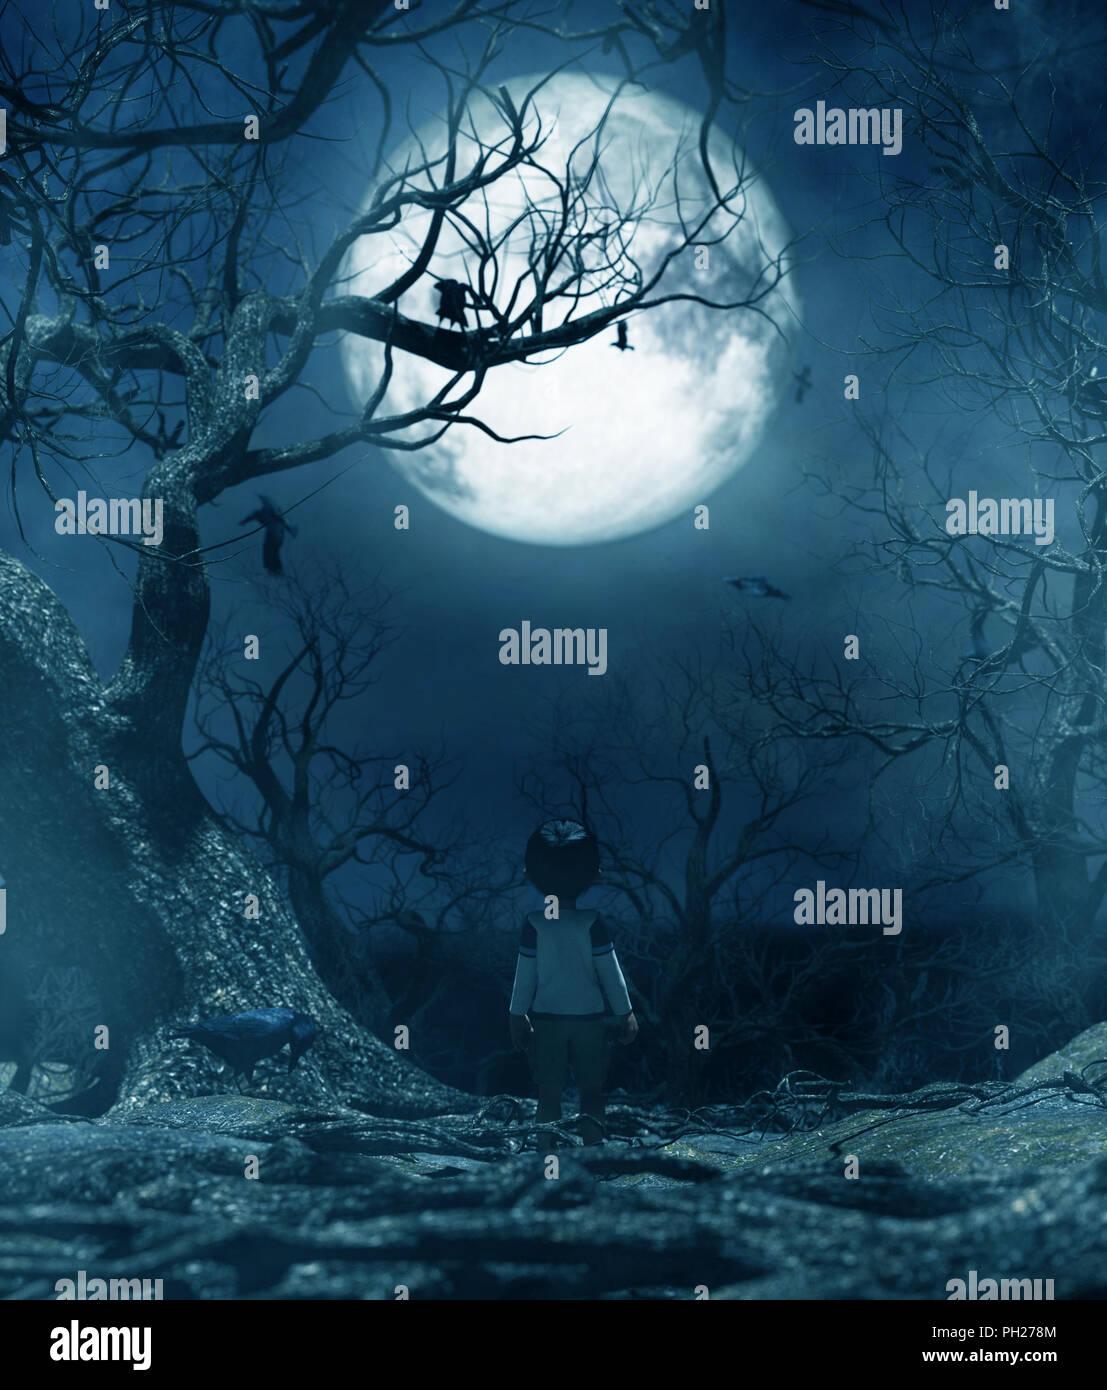 Muchacho caminando solos en la noche bajo la luz de la luna,chico perdido en el bosque maldito,3D rendering para la portada del libro o la ilustración de libros Imagen De Stock